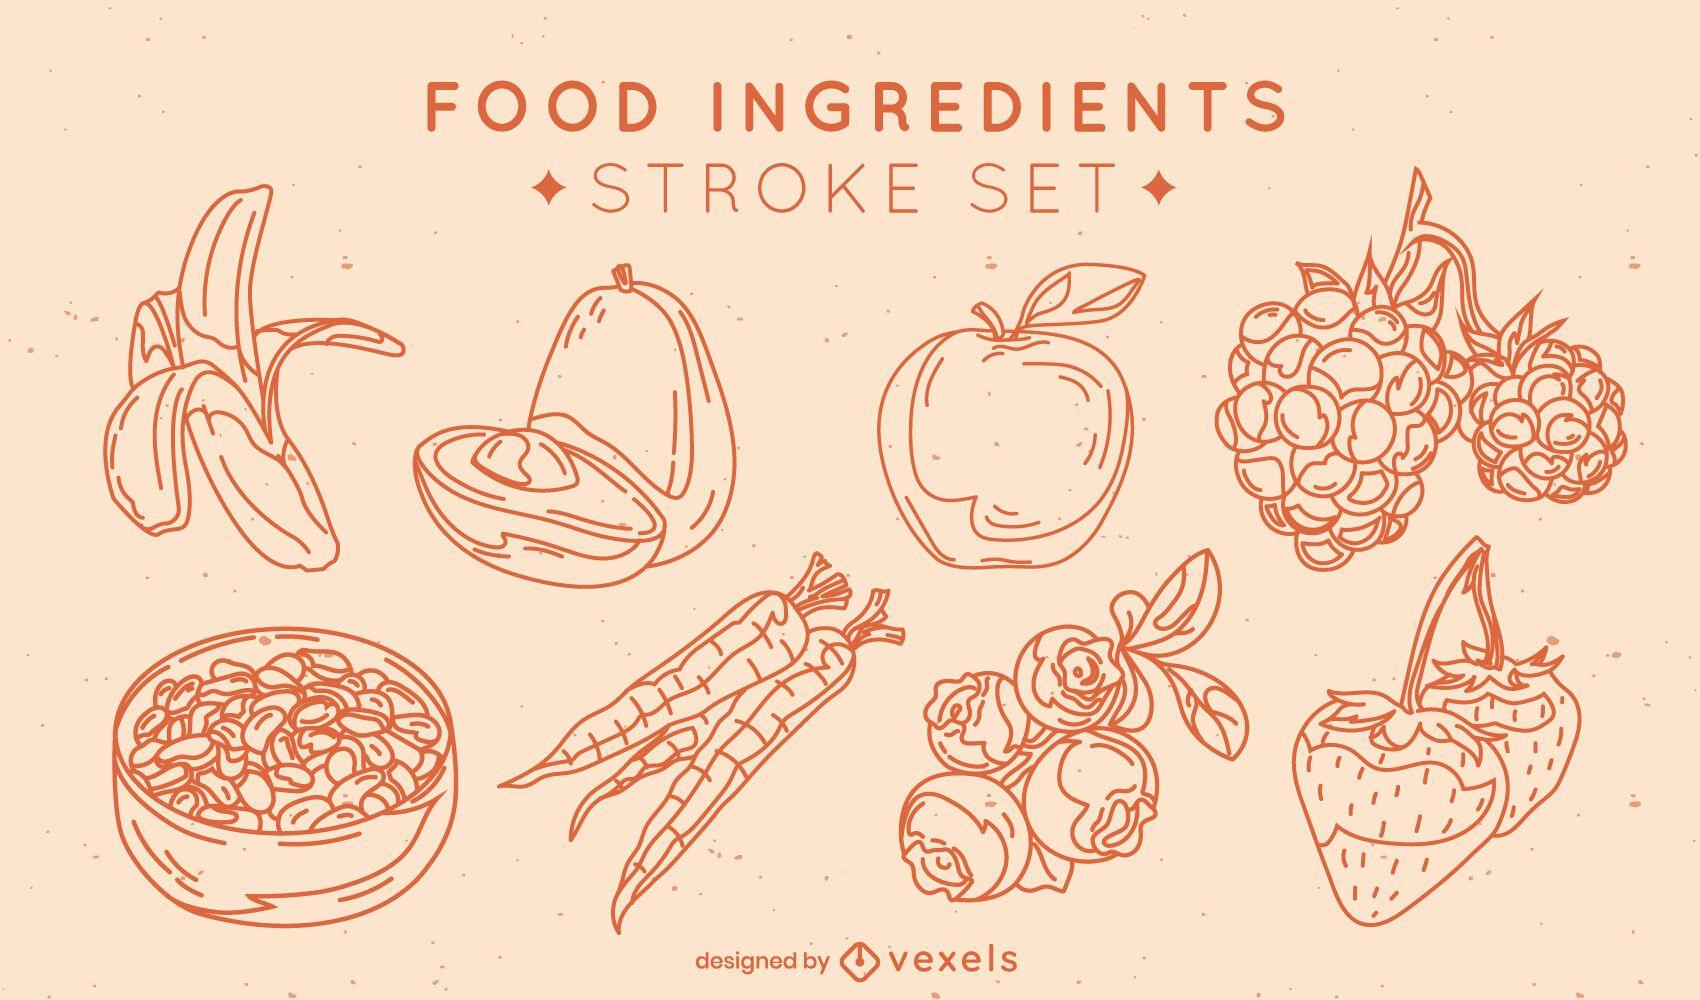 Strichset mit Obst- und Gemüseelementen